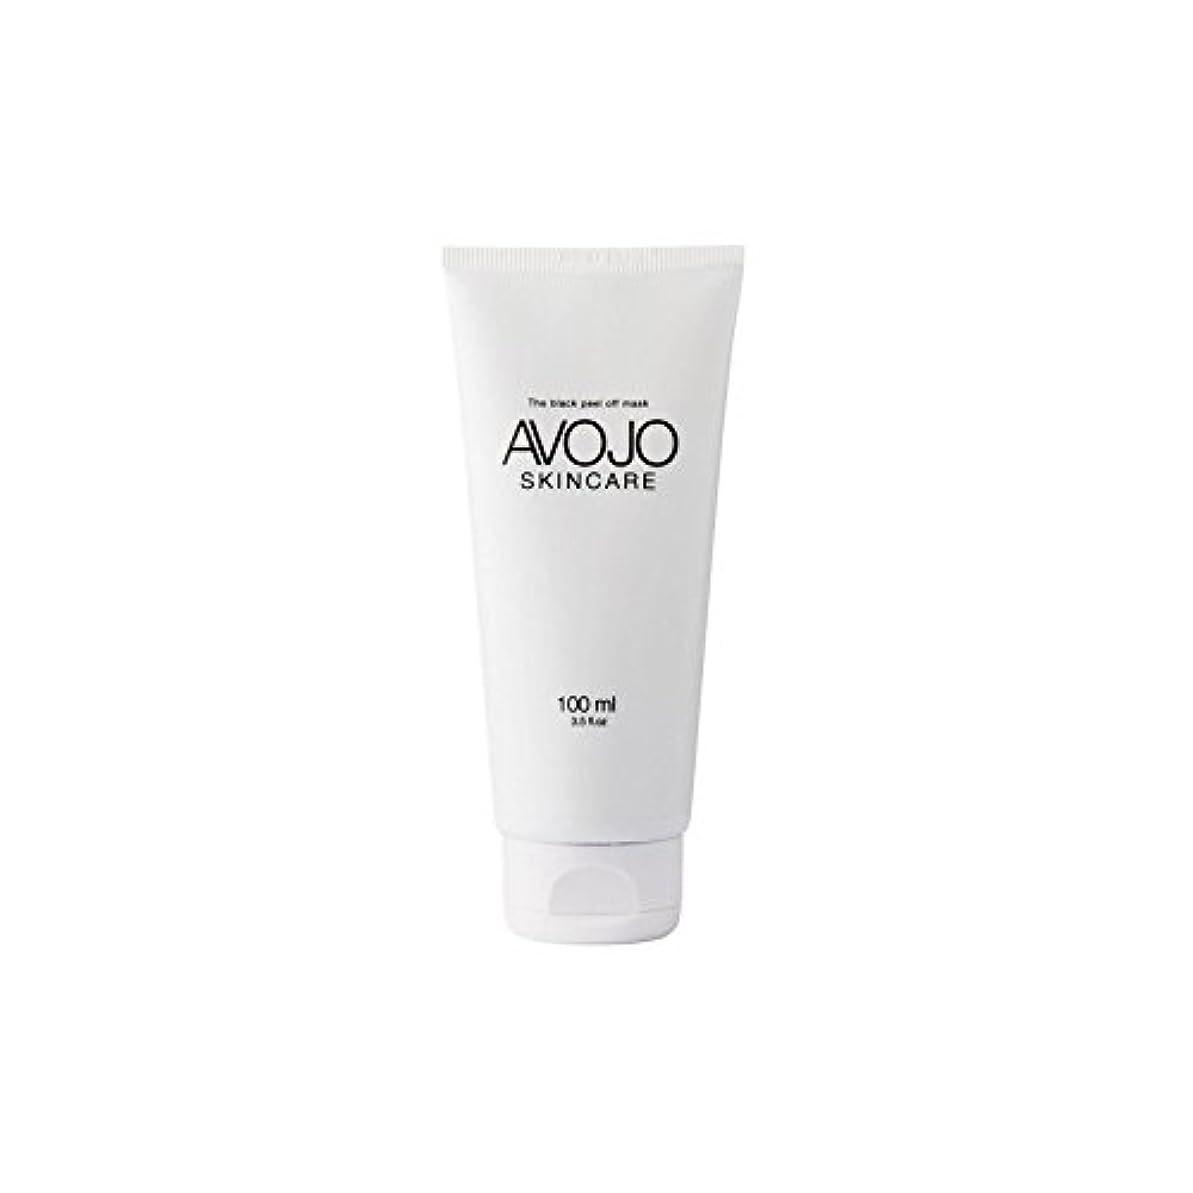 聡明ボーナスつま先Avojo - The Black Peel Off Mask - (Bottle 100ml) (Pack of 6) - - 黒皮オフマスク - (ボトル100ミリリットル) x6 [並行輸入品]